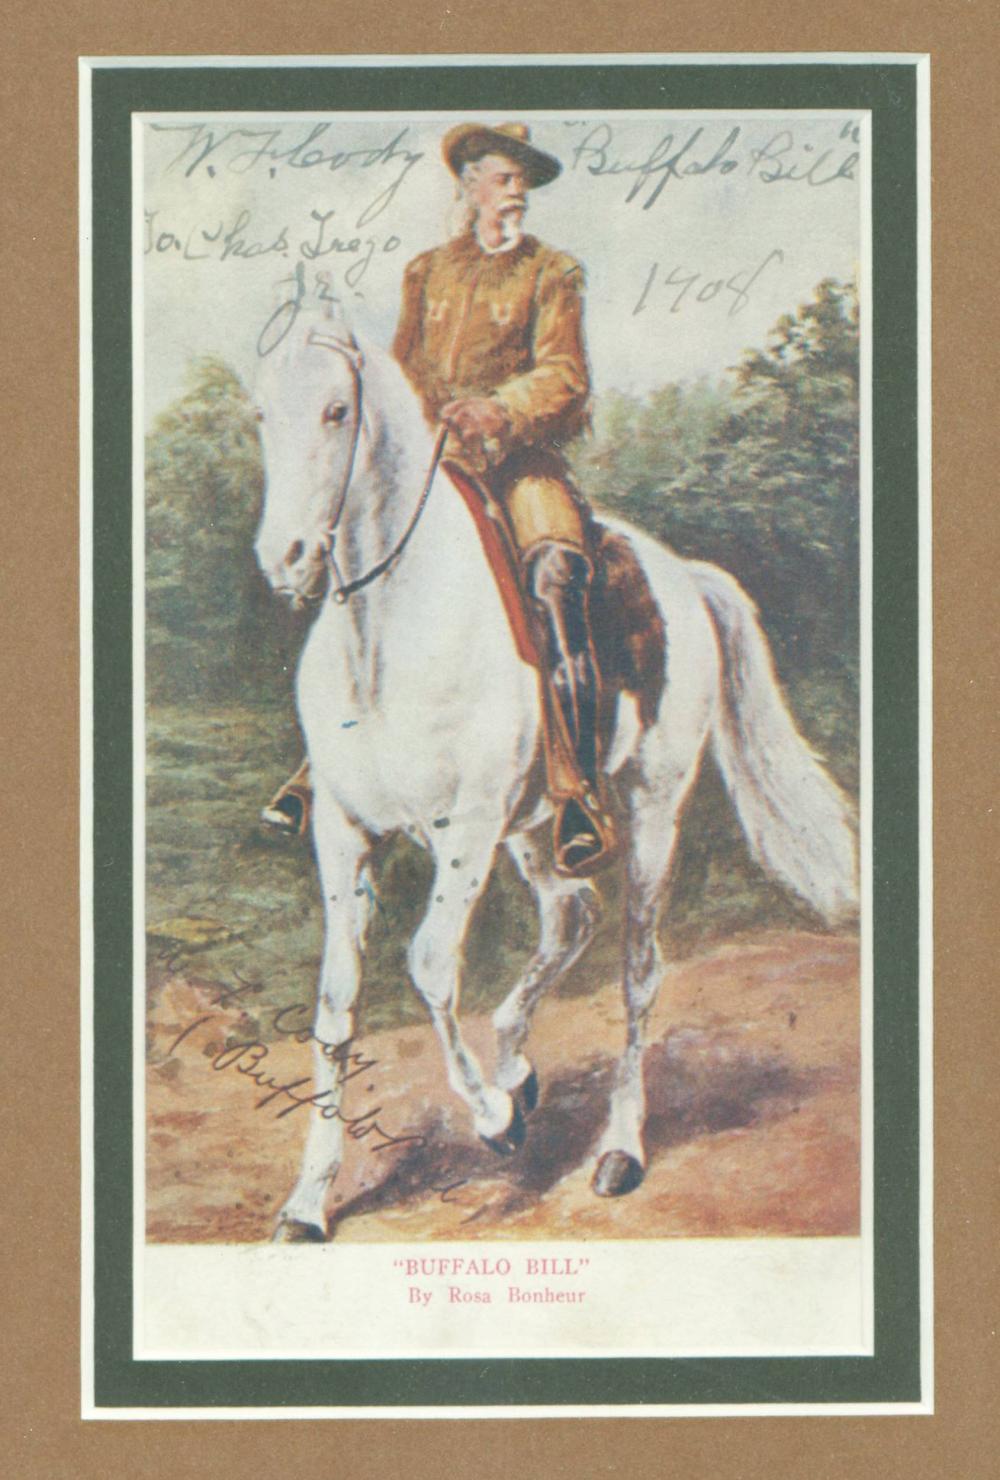 W.F. Cody / Buffalo Bill Dual Signed Vintage Postcard, Superb Presentation